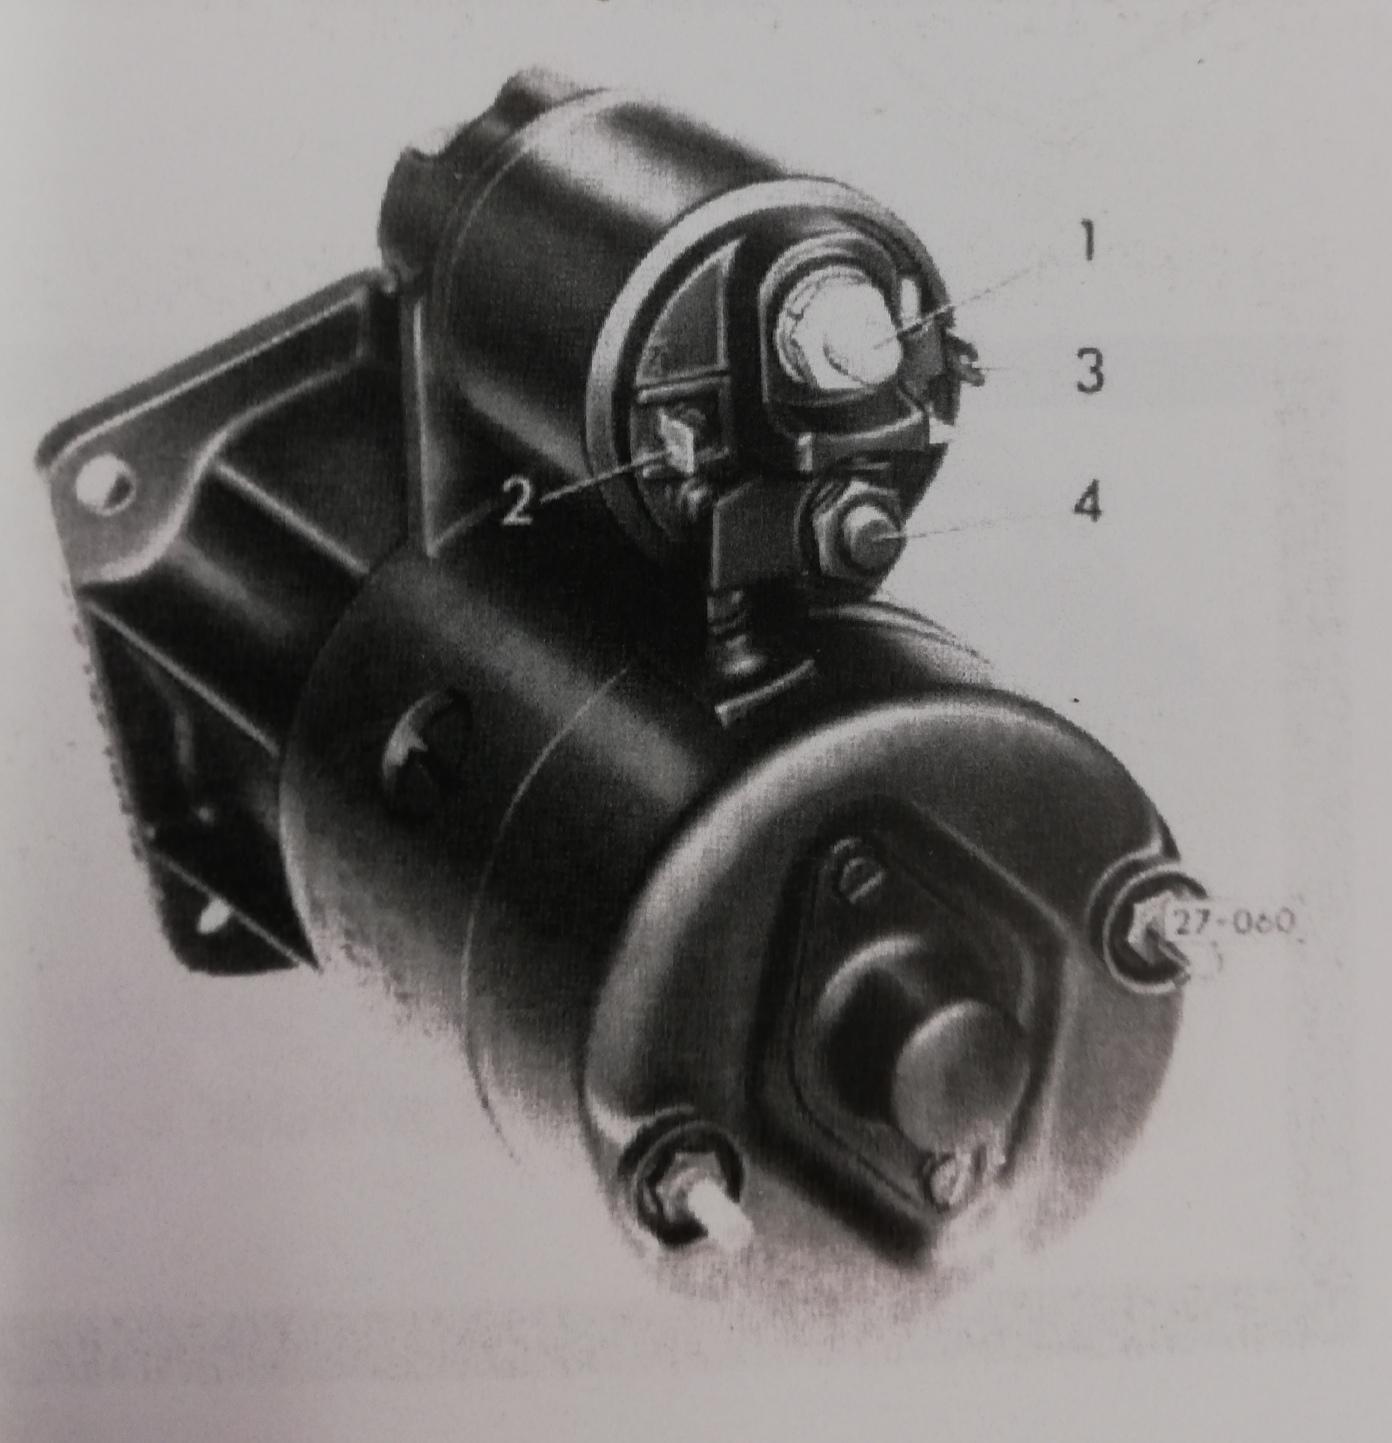 https://s17.directupload.net/images/190706/bd8uzfsg.jpg